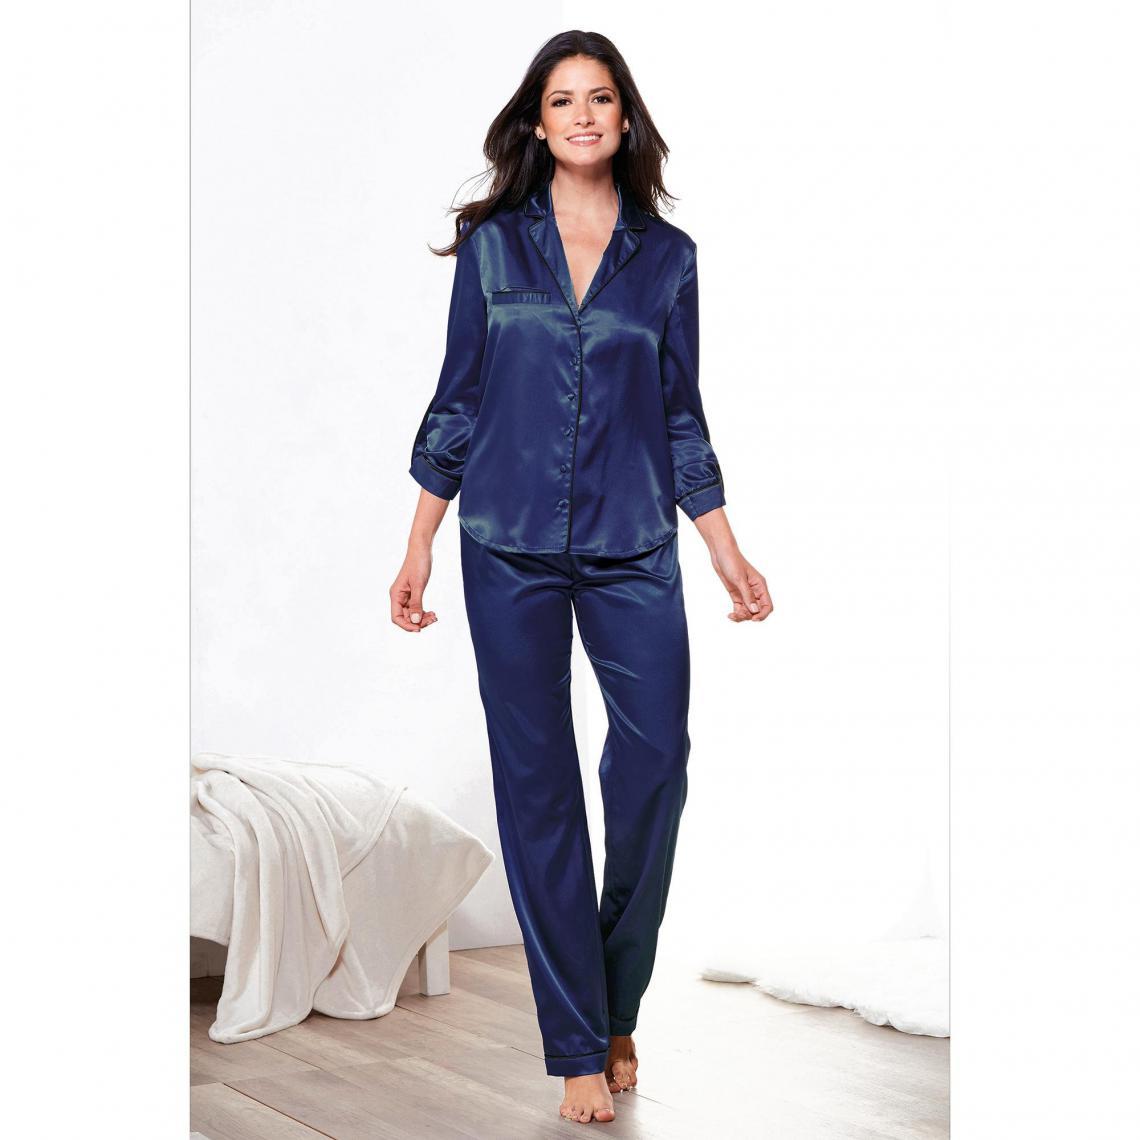 grosses soldes grand ajustement super populaire Pyjama en satin blouse et pantalon femme - Bleu Nuit | 3 SUISSES